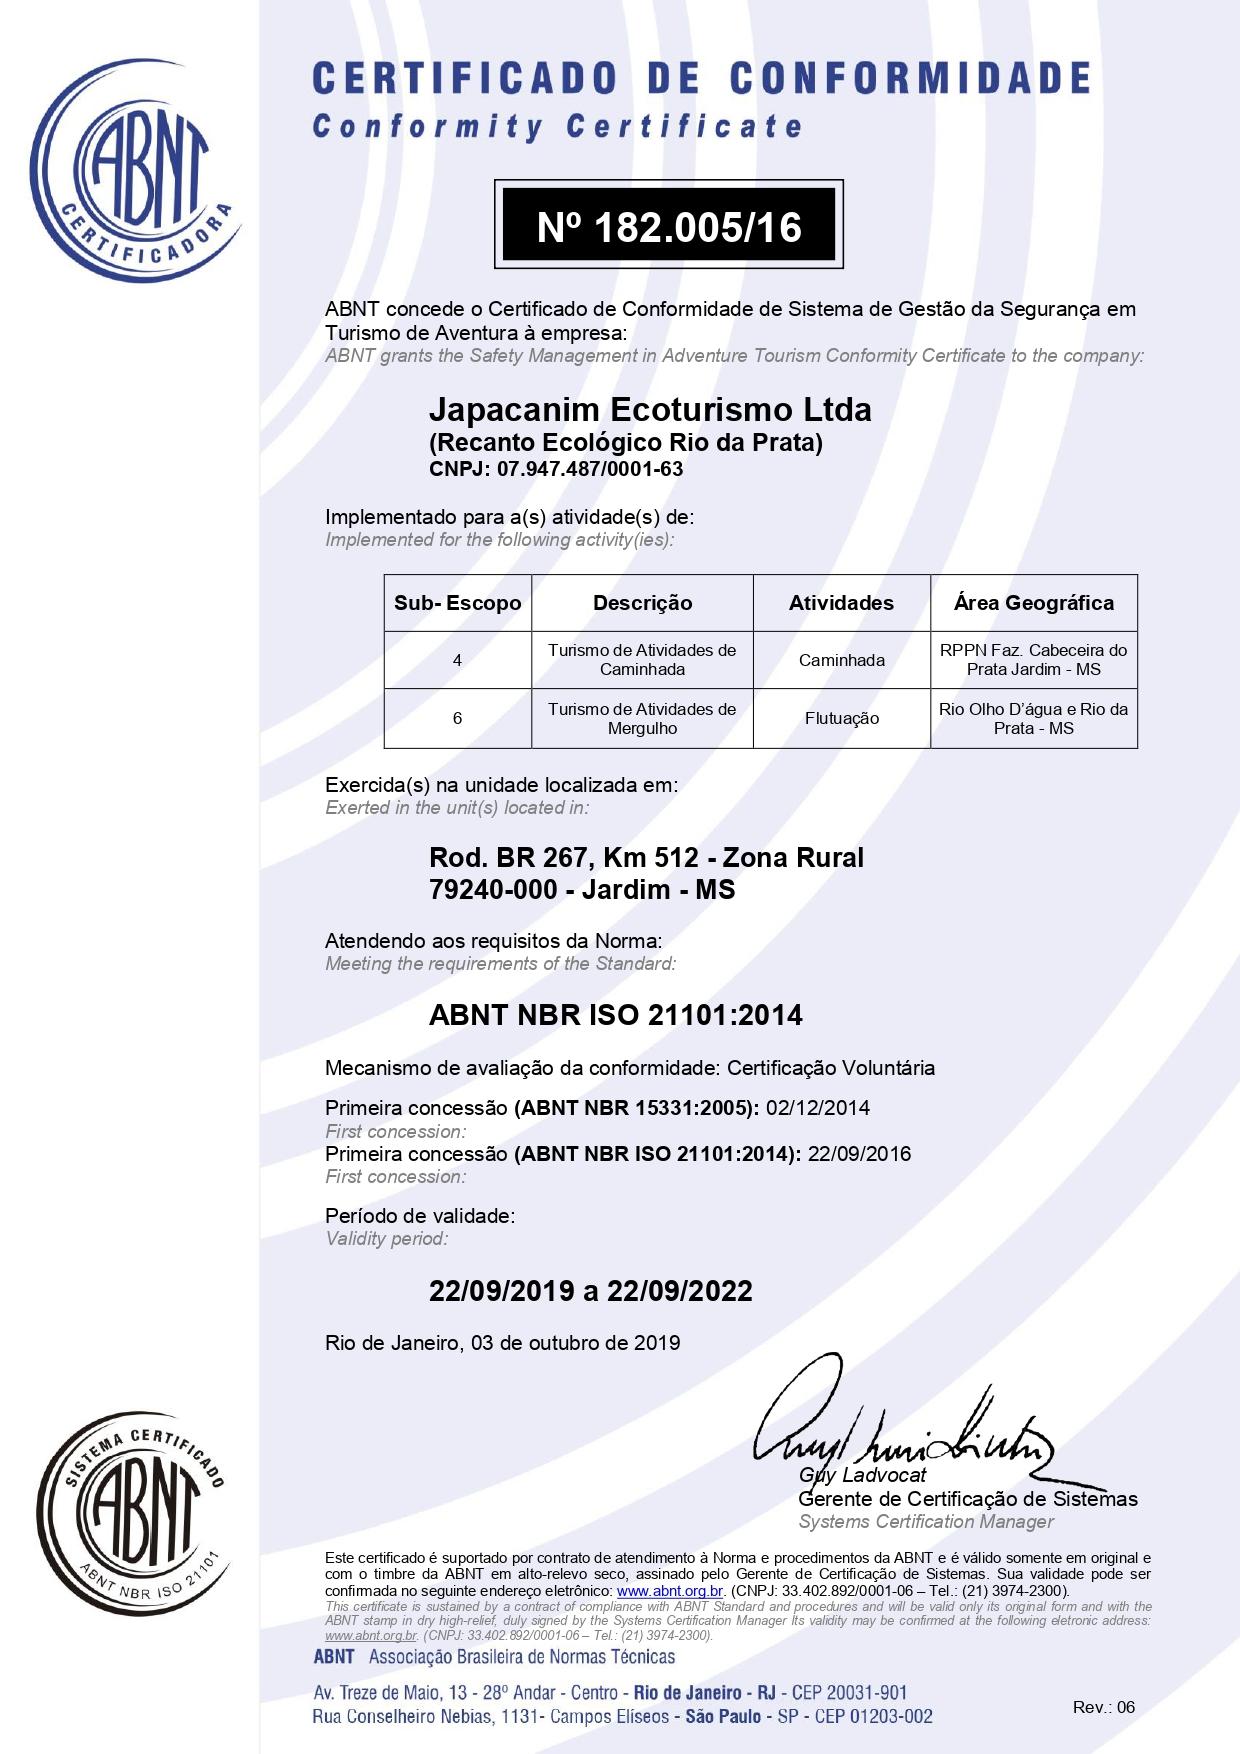 Certificado de Conformidade Recanto Ecológico Rio da Prata